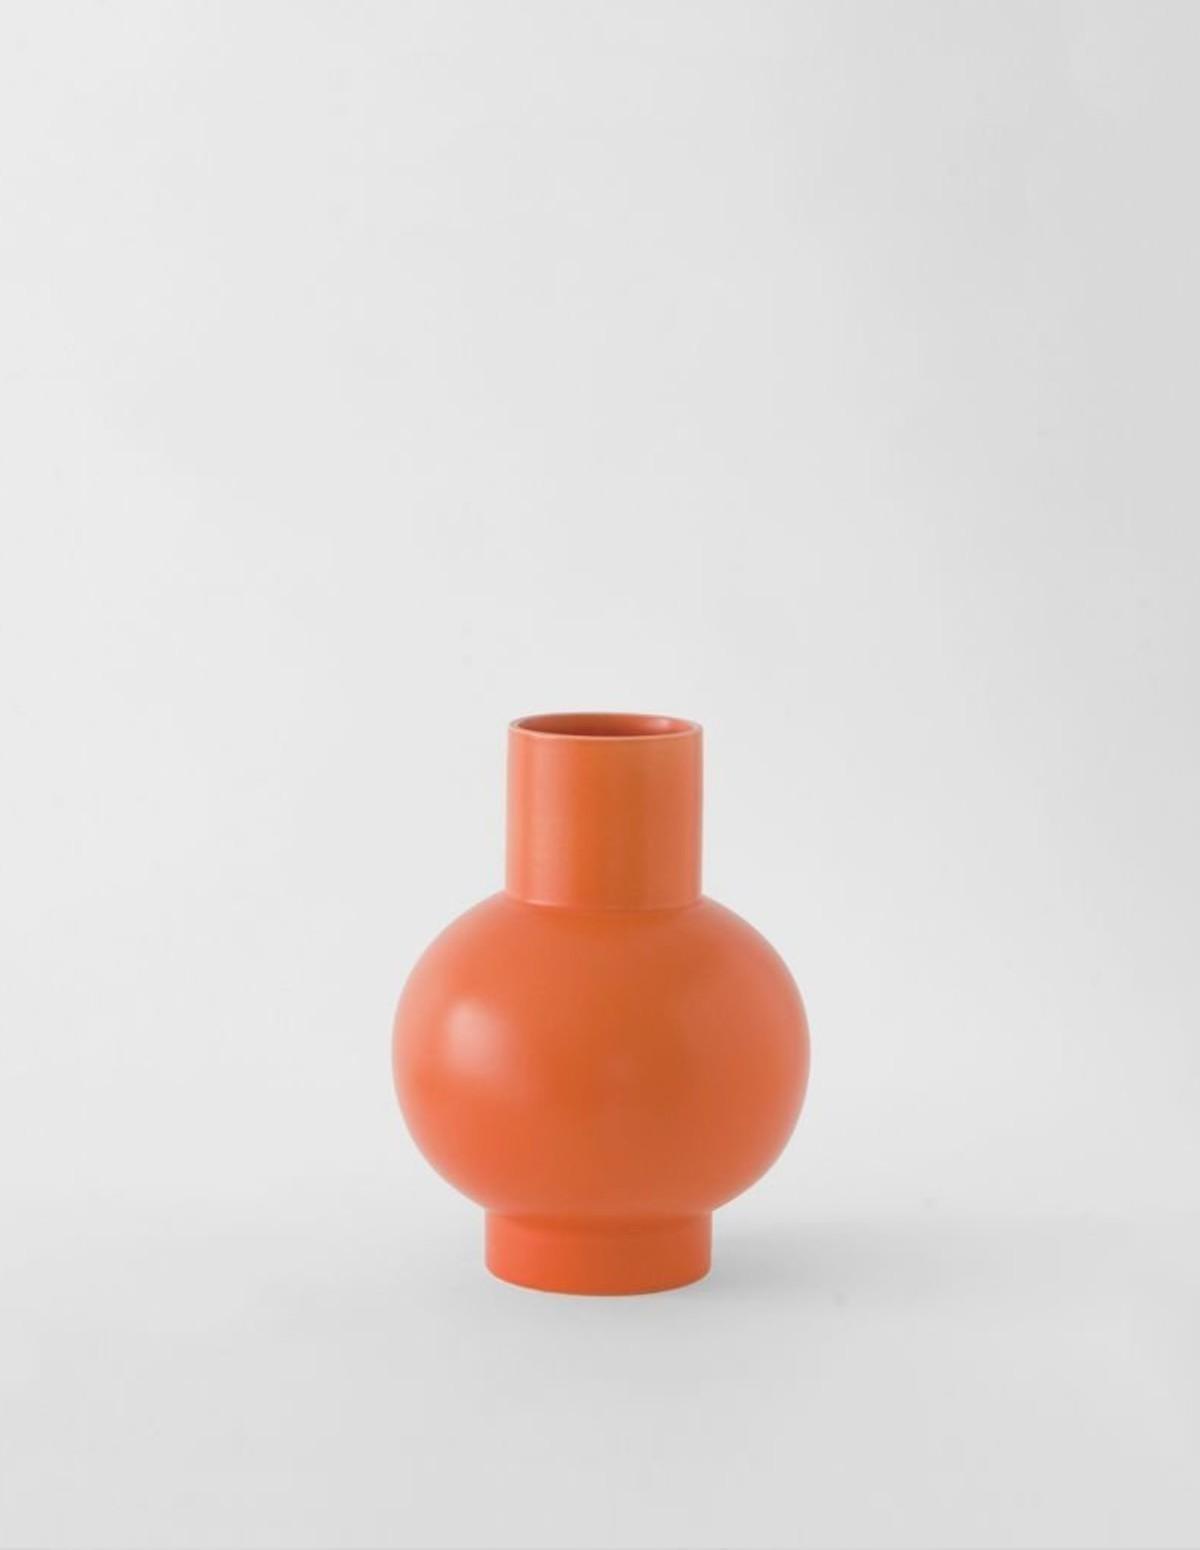 Raawii Small Vase - VIBRANT ORANGE